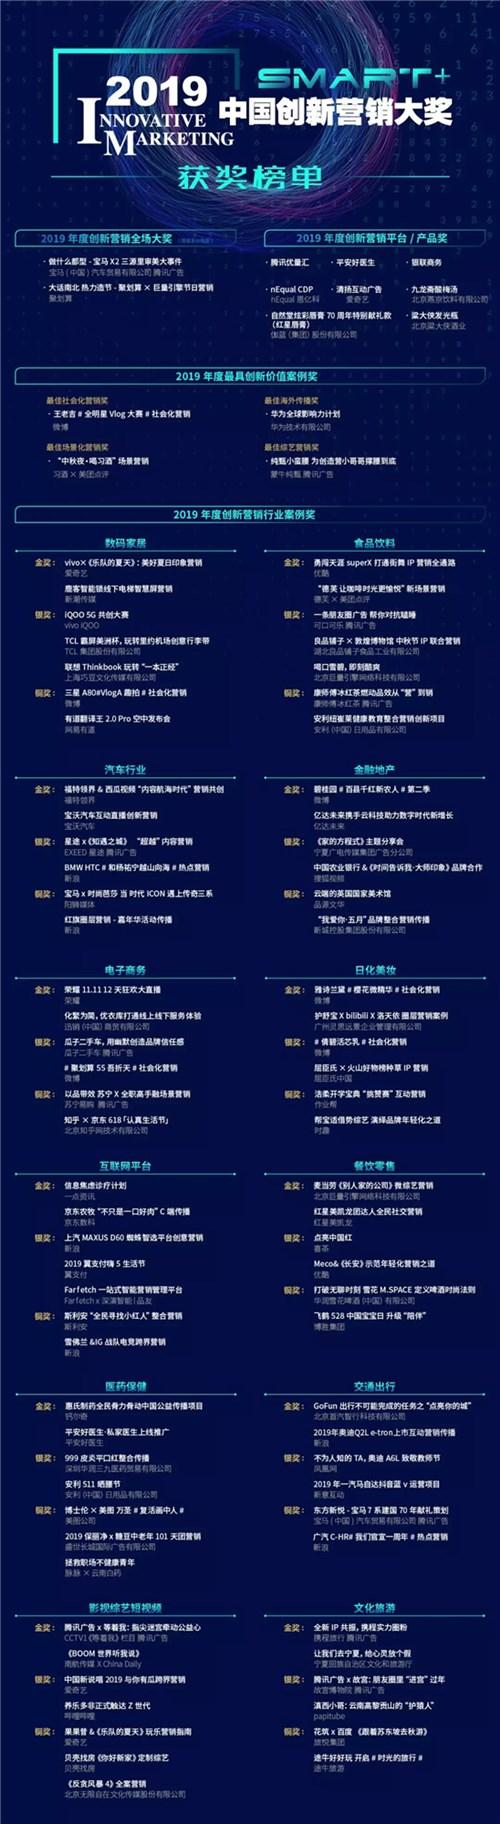 让营销不只Smart+,2019中国创新营销峰会带来哪些营销新启示?